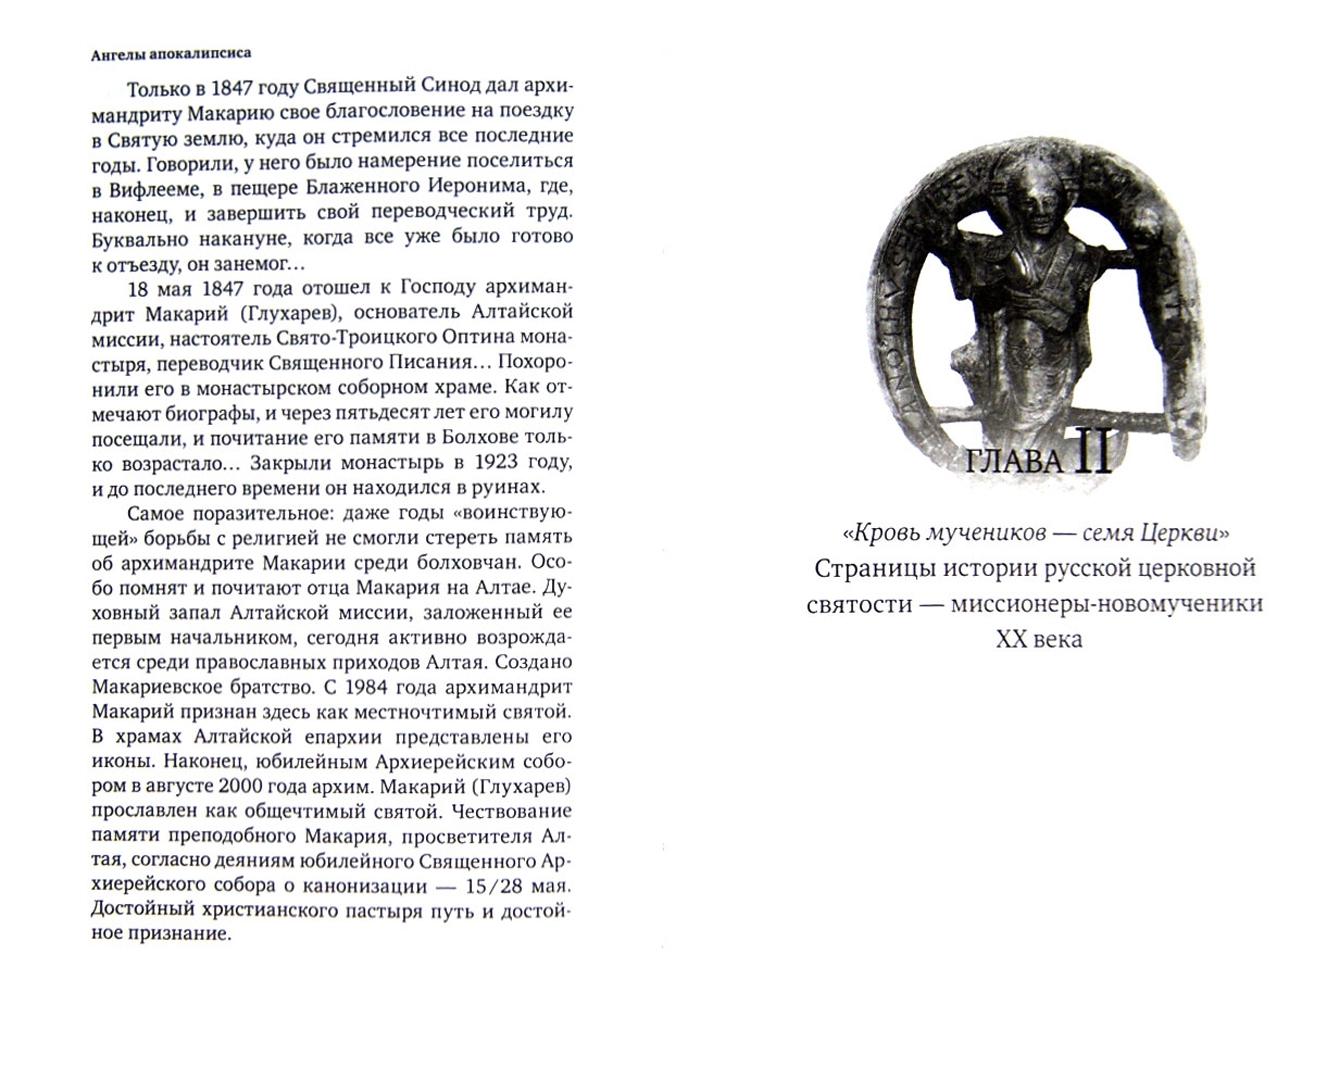 Иллюстрация 1 из 7 для Ангелы апокалипсиса. Собрание житий миссионеров и мучеников | Лабиринт - книги. Источник: Лабиринт